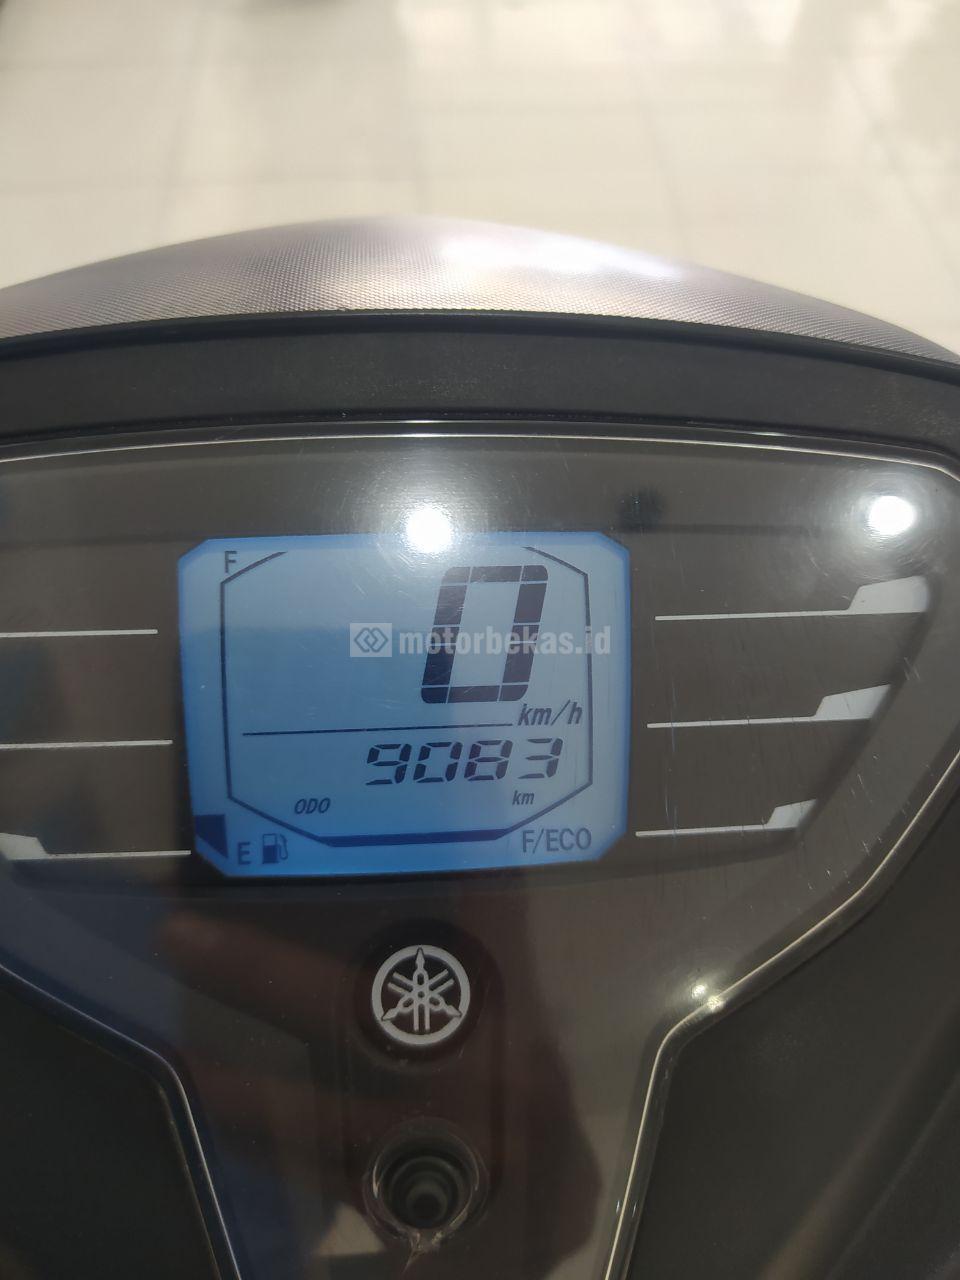 YAMAHA FREEGO  2100 motorbekas.id